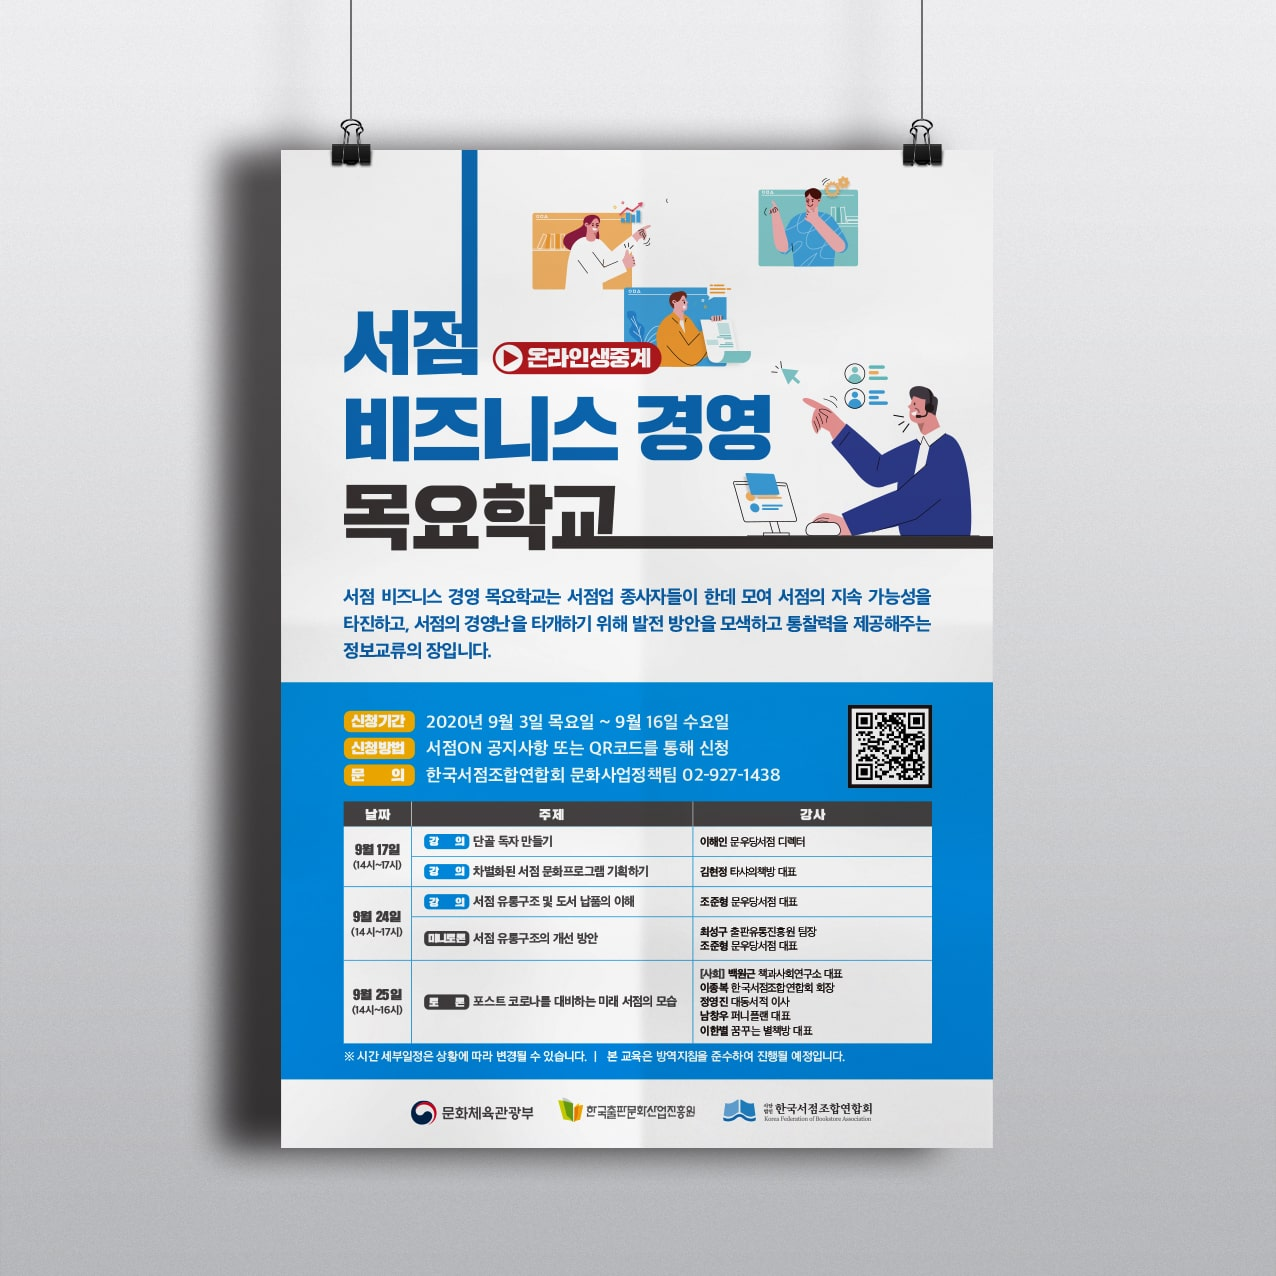 서점 비즈니스 경영 목요학교 포스터 - 한국서점조합연합회